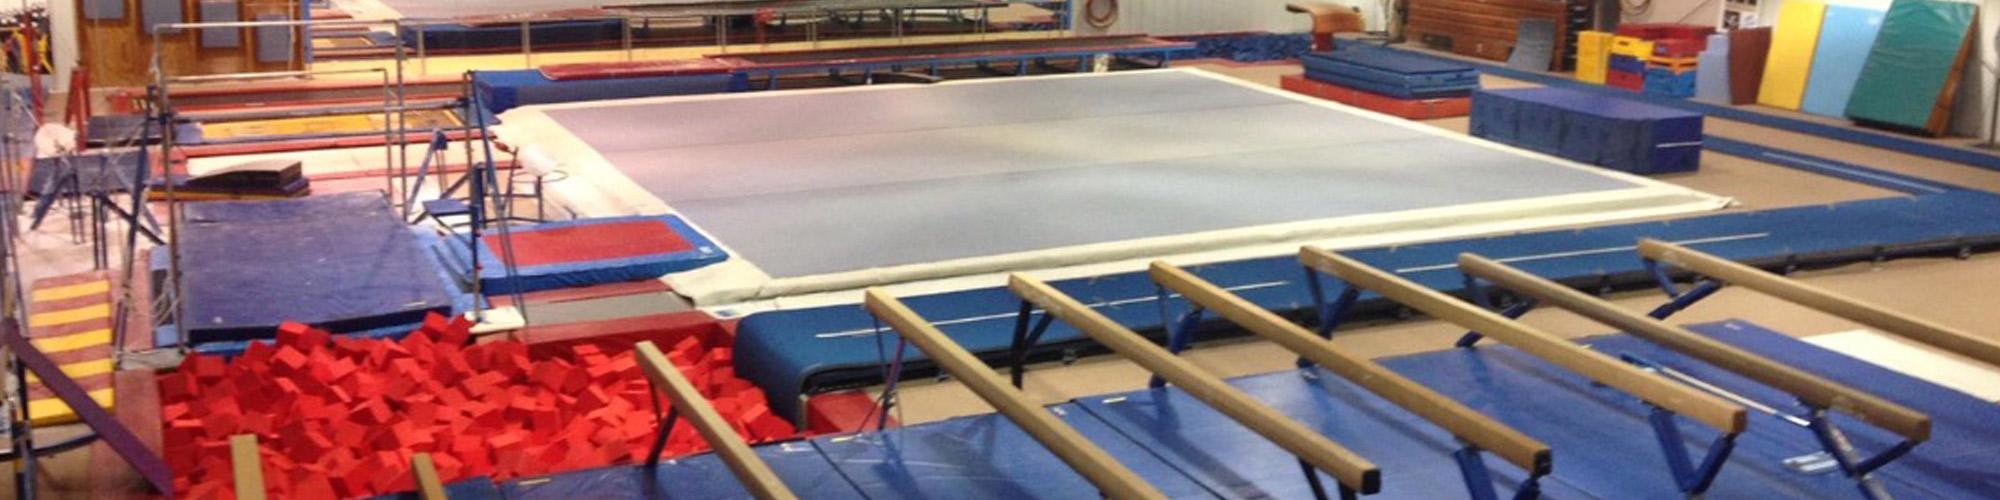 Gymnastics Questions